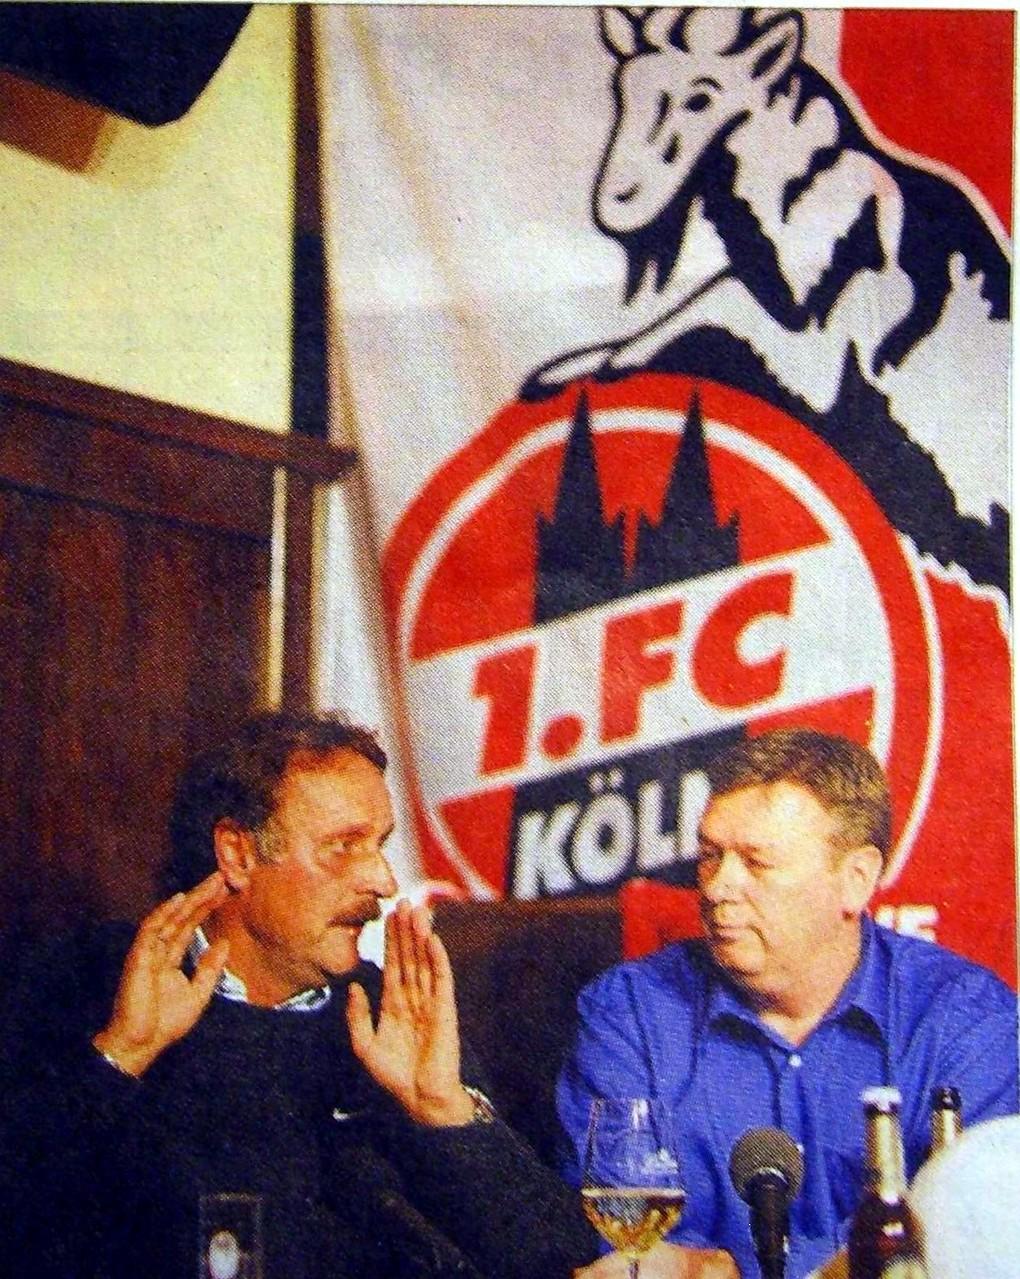 War auch mal FC-Cheftrainer. Peter Neururer bei seinem FC-Stammtisch Einsatz